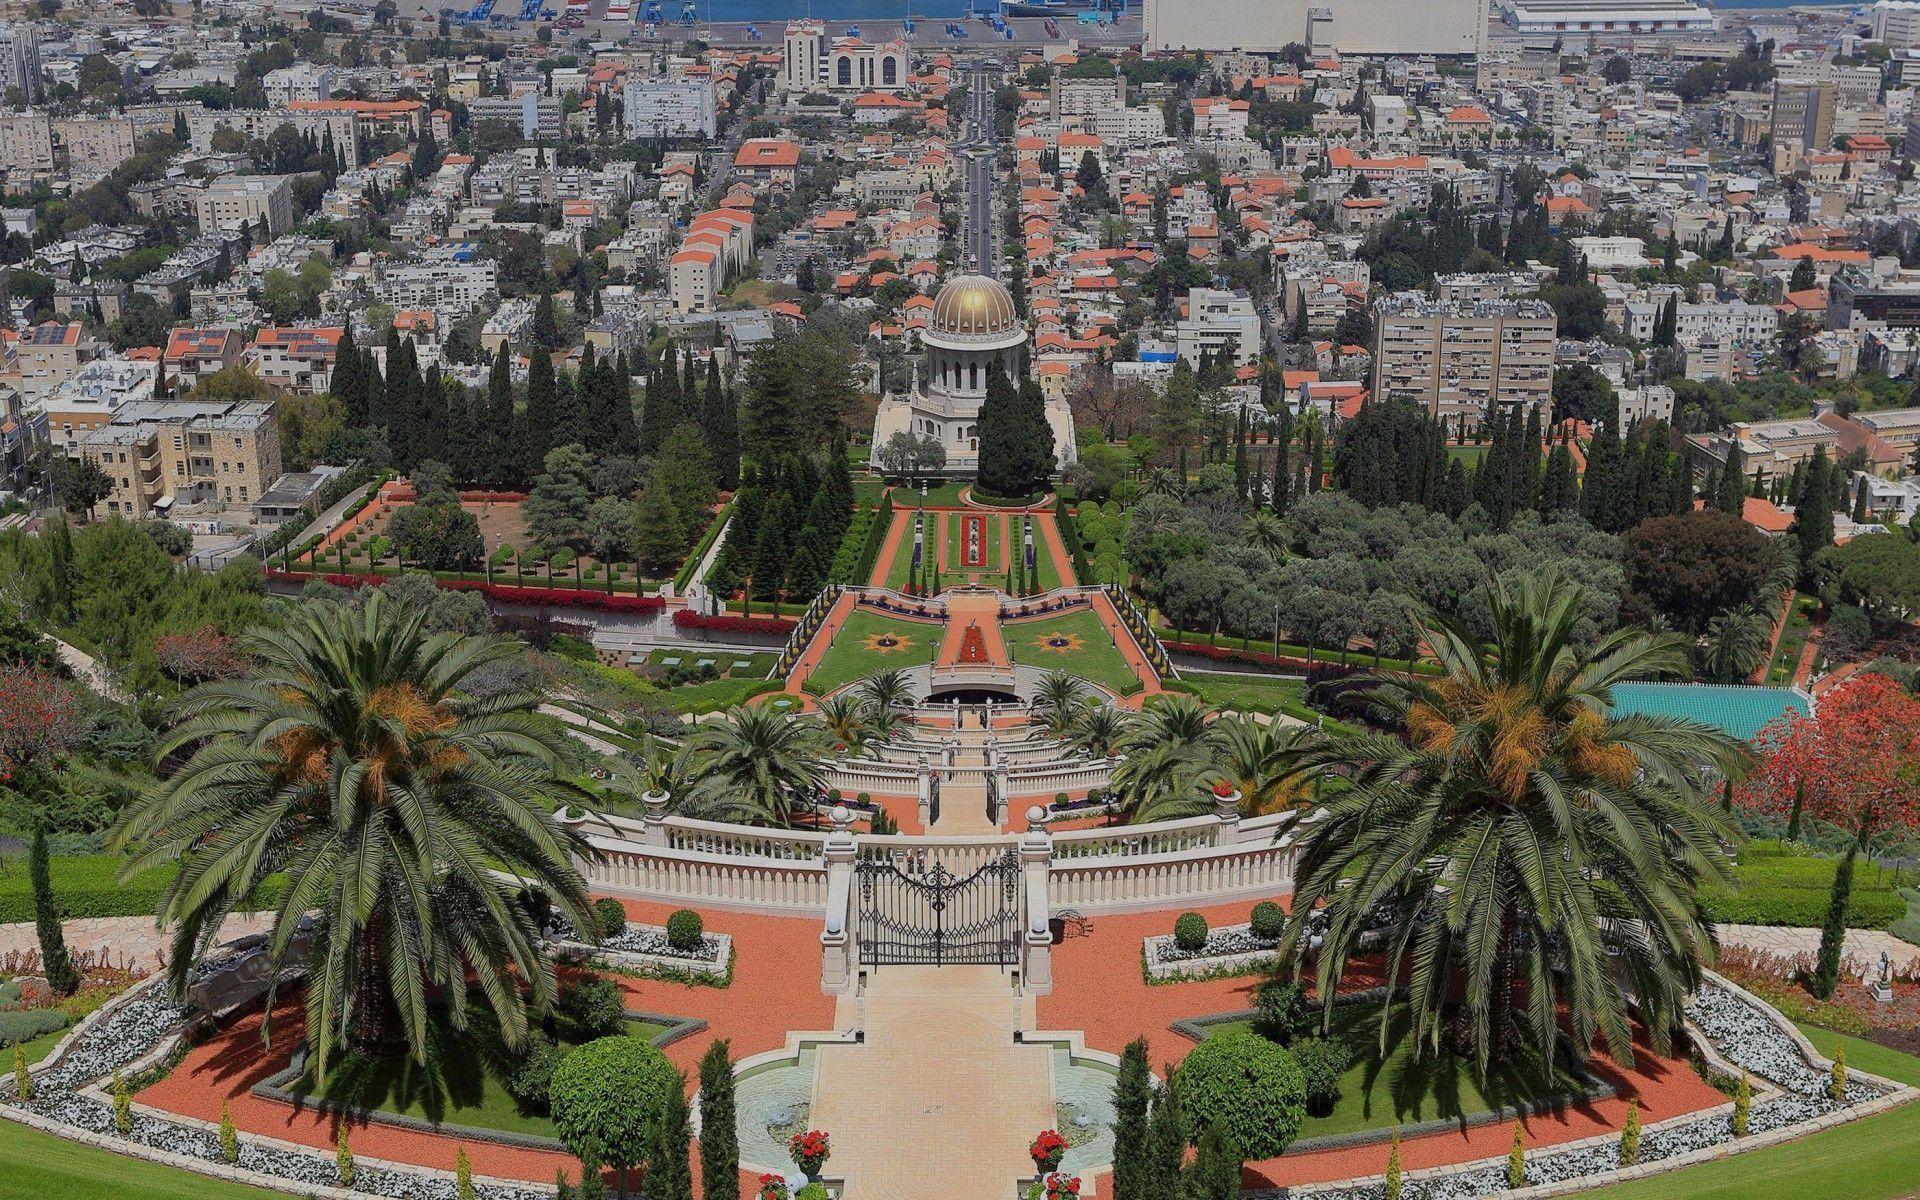 Haifa Israel wallpapers | Haifa Israel stock photos